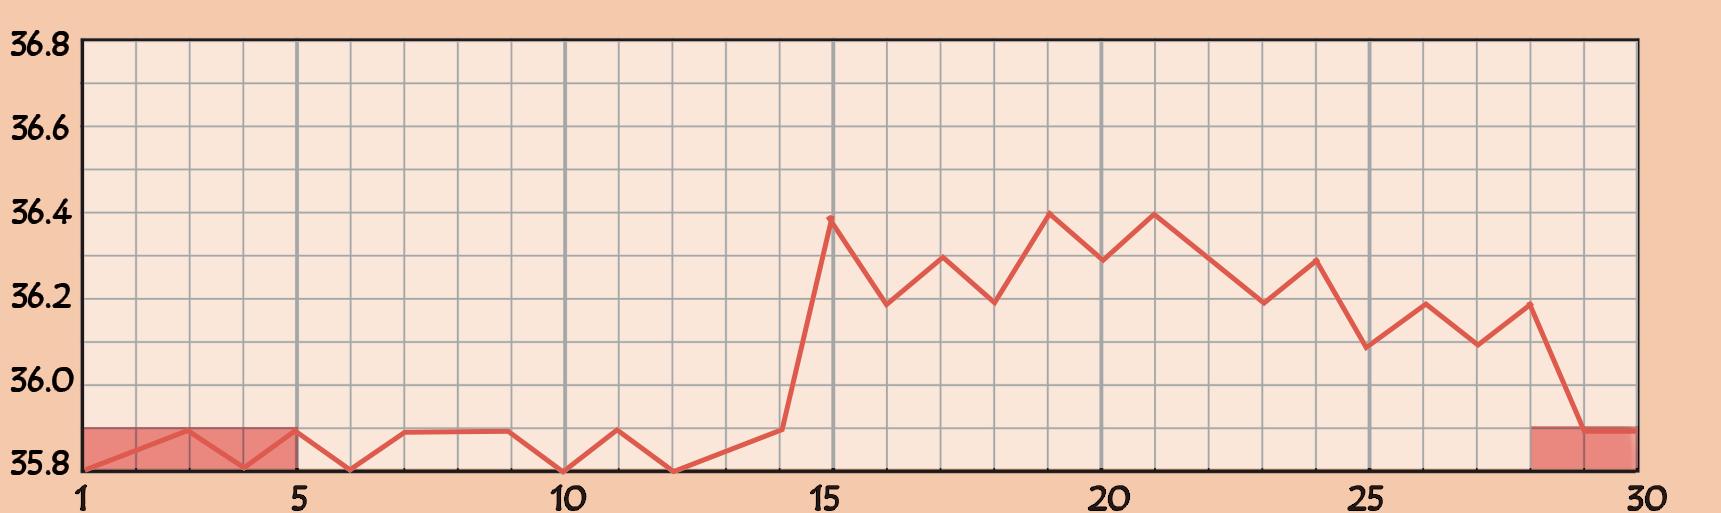 基礎体温の低温期が低いグラフ